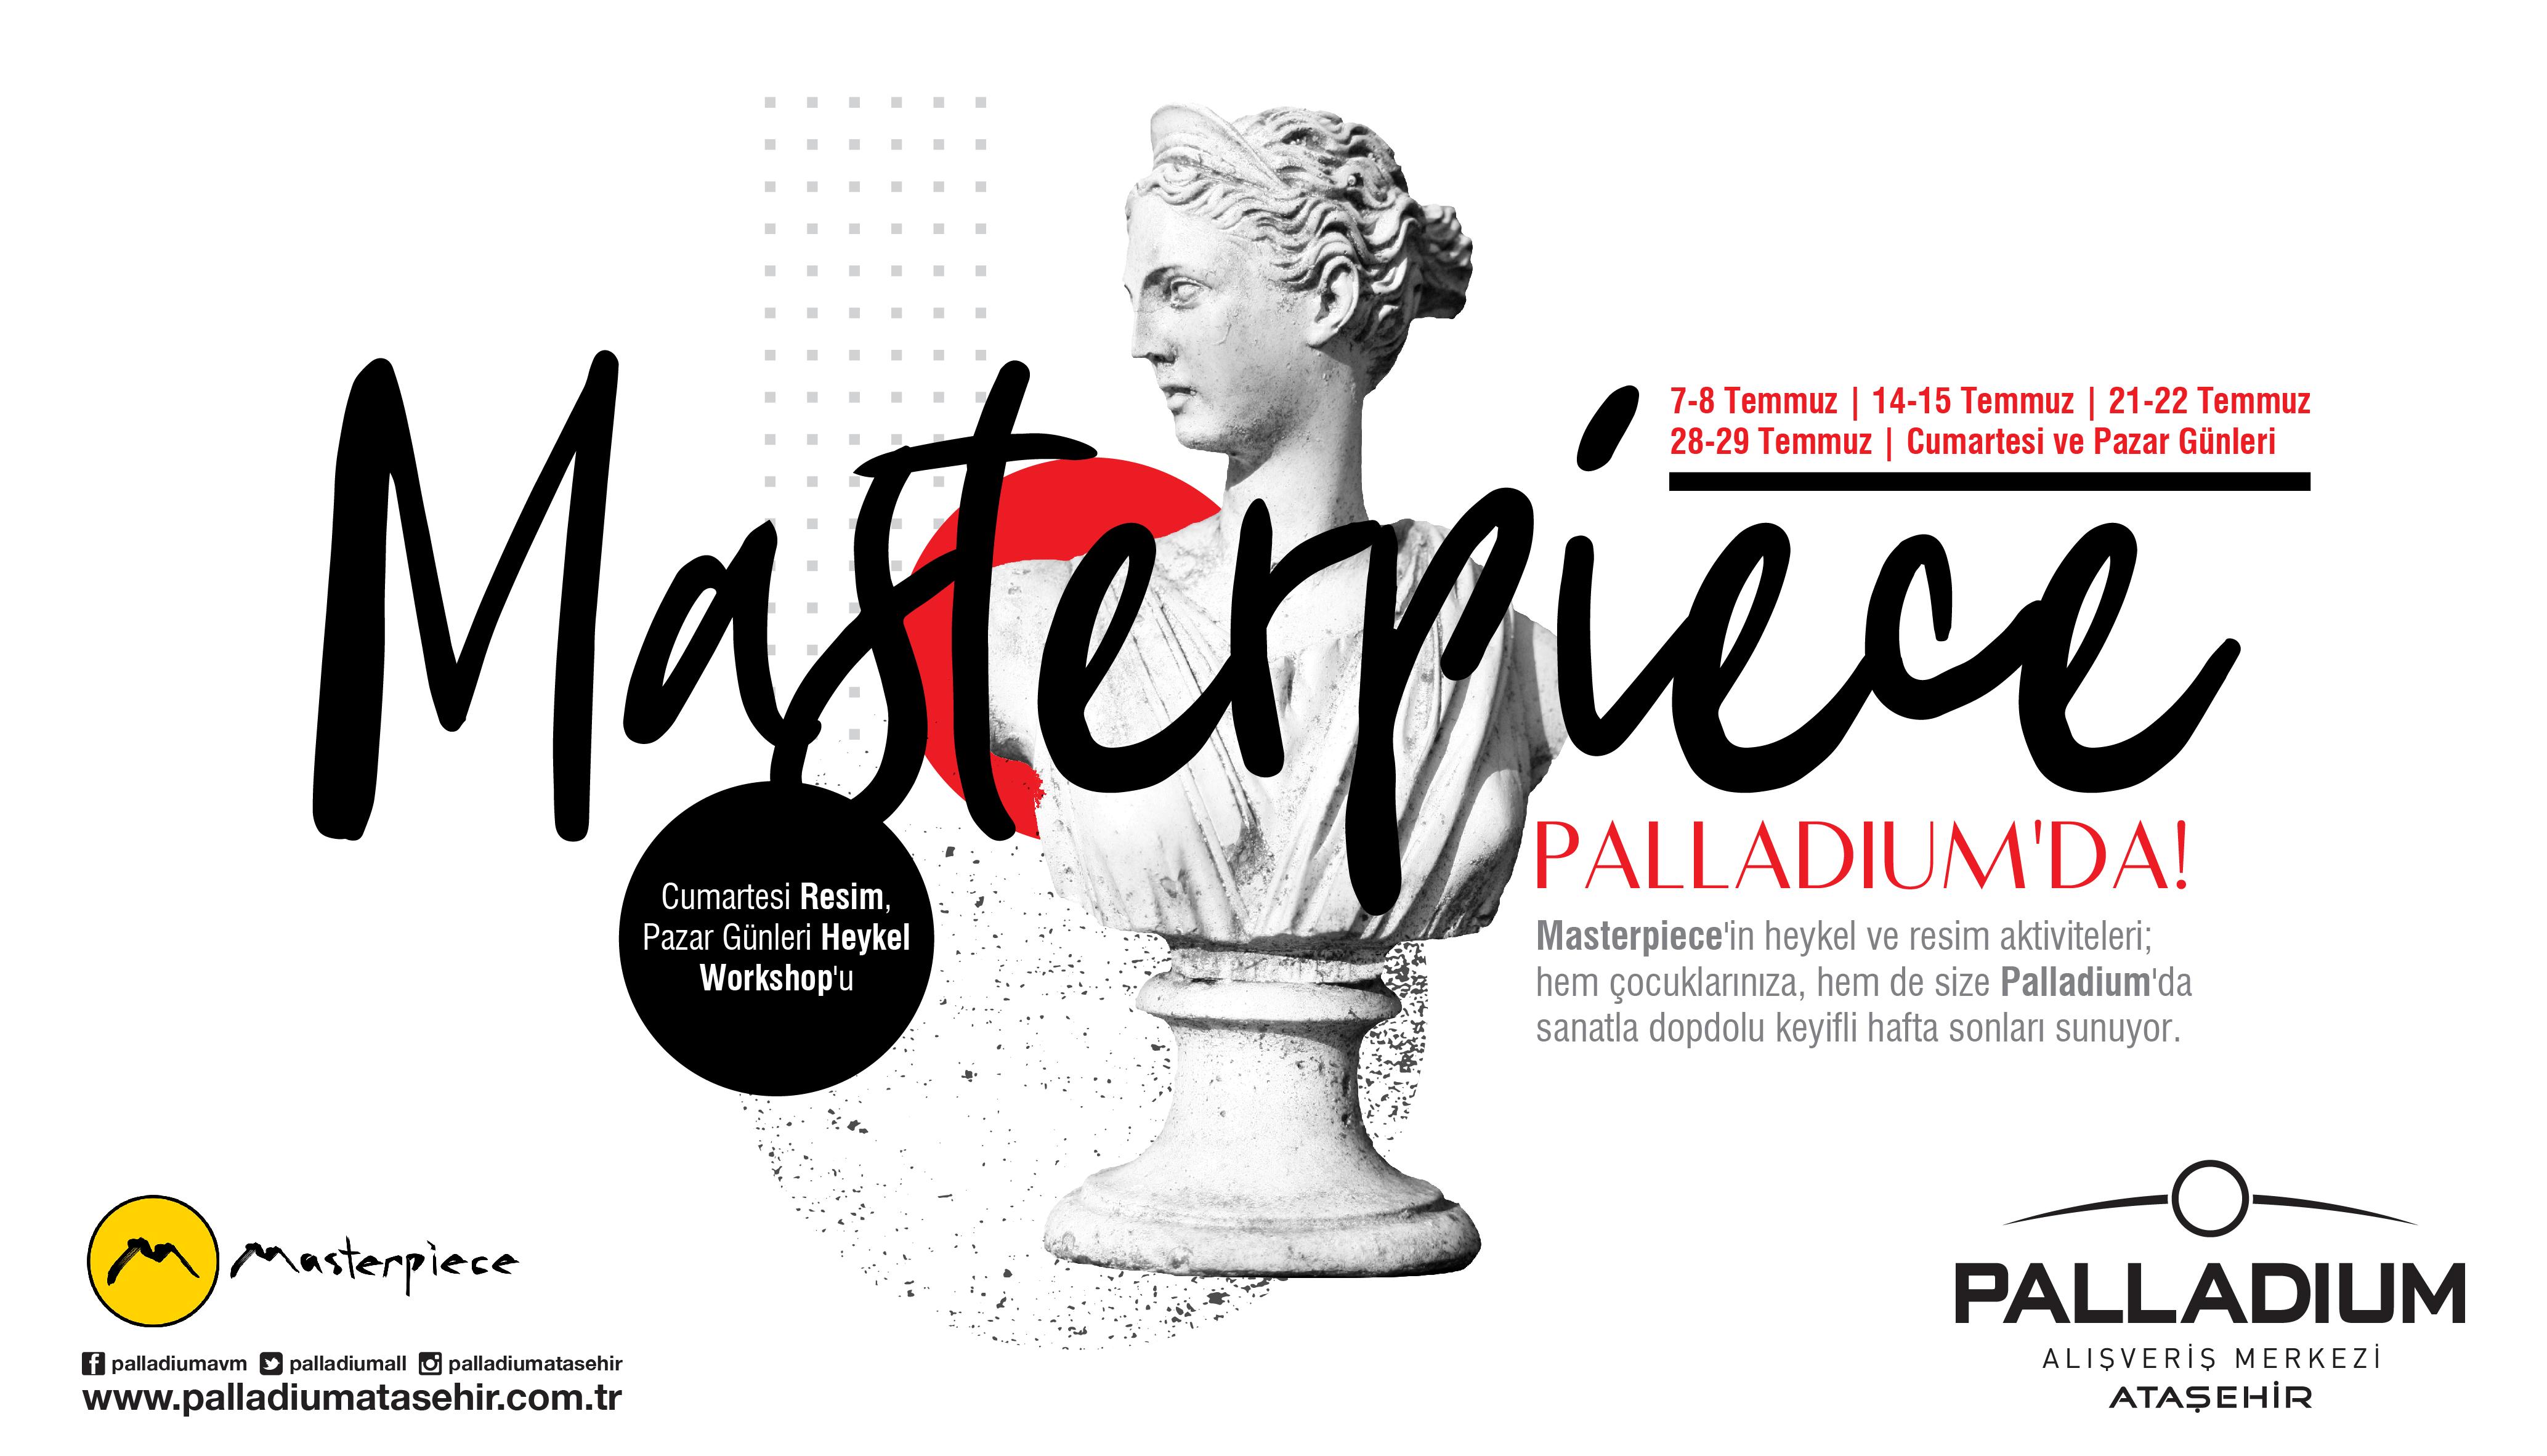 Sanatla dopdolu günler Masterpiece ile Palladium'da yaşanıyor!